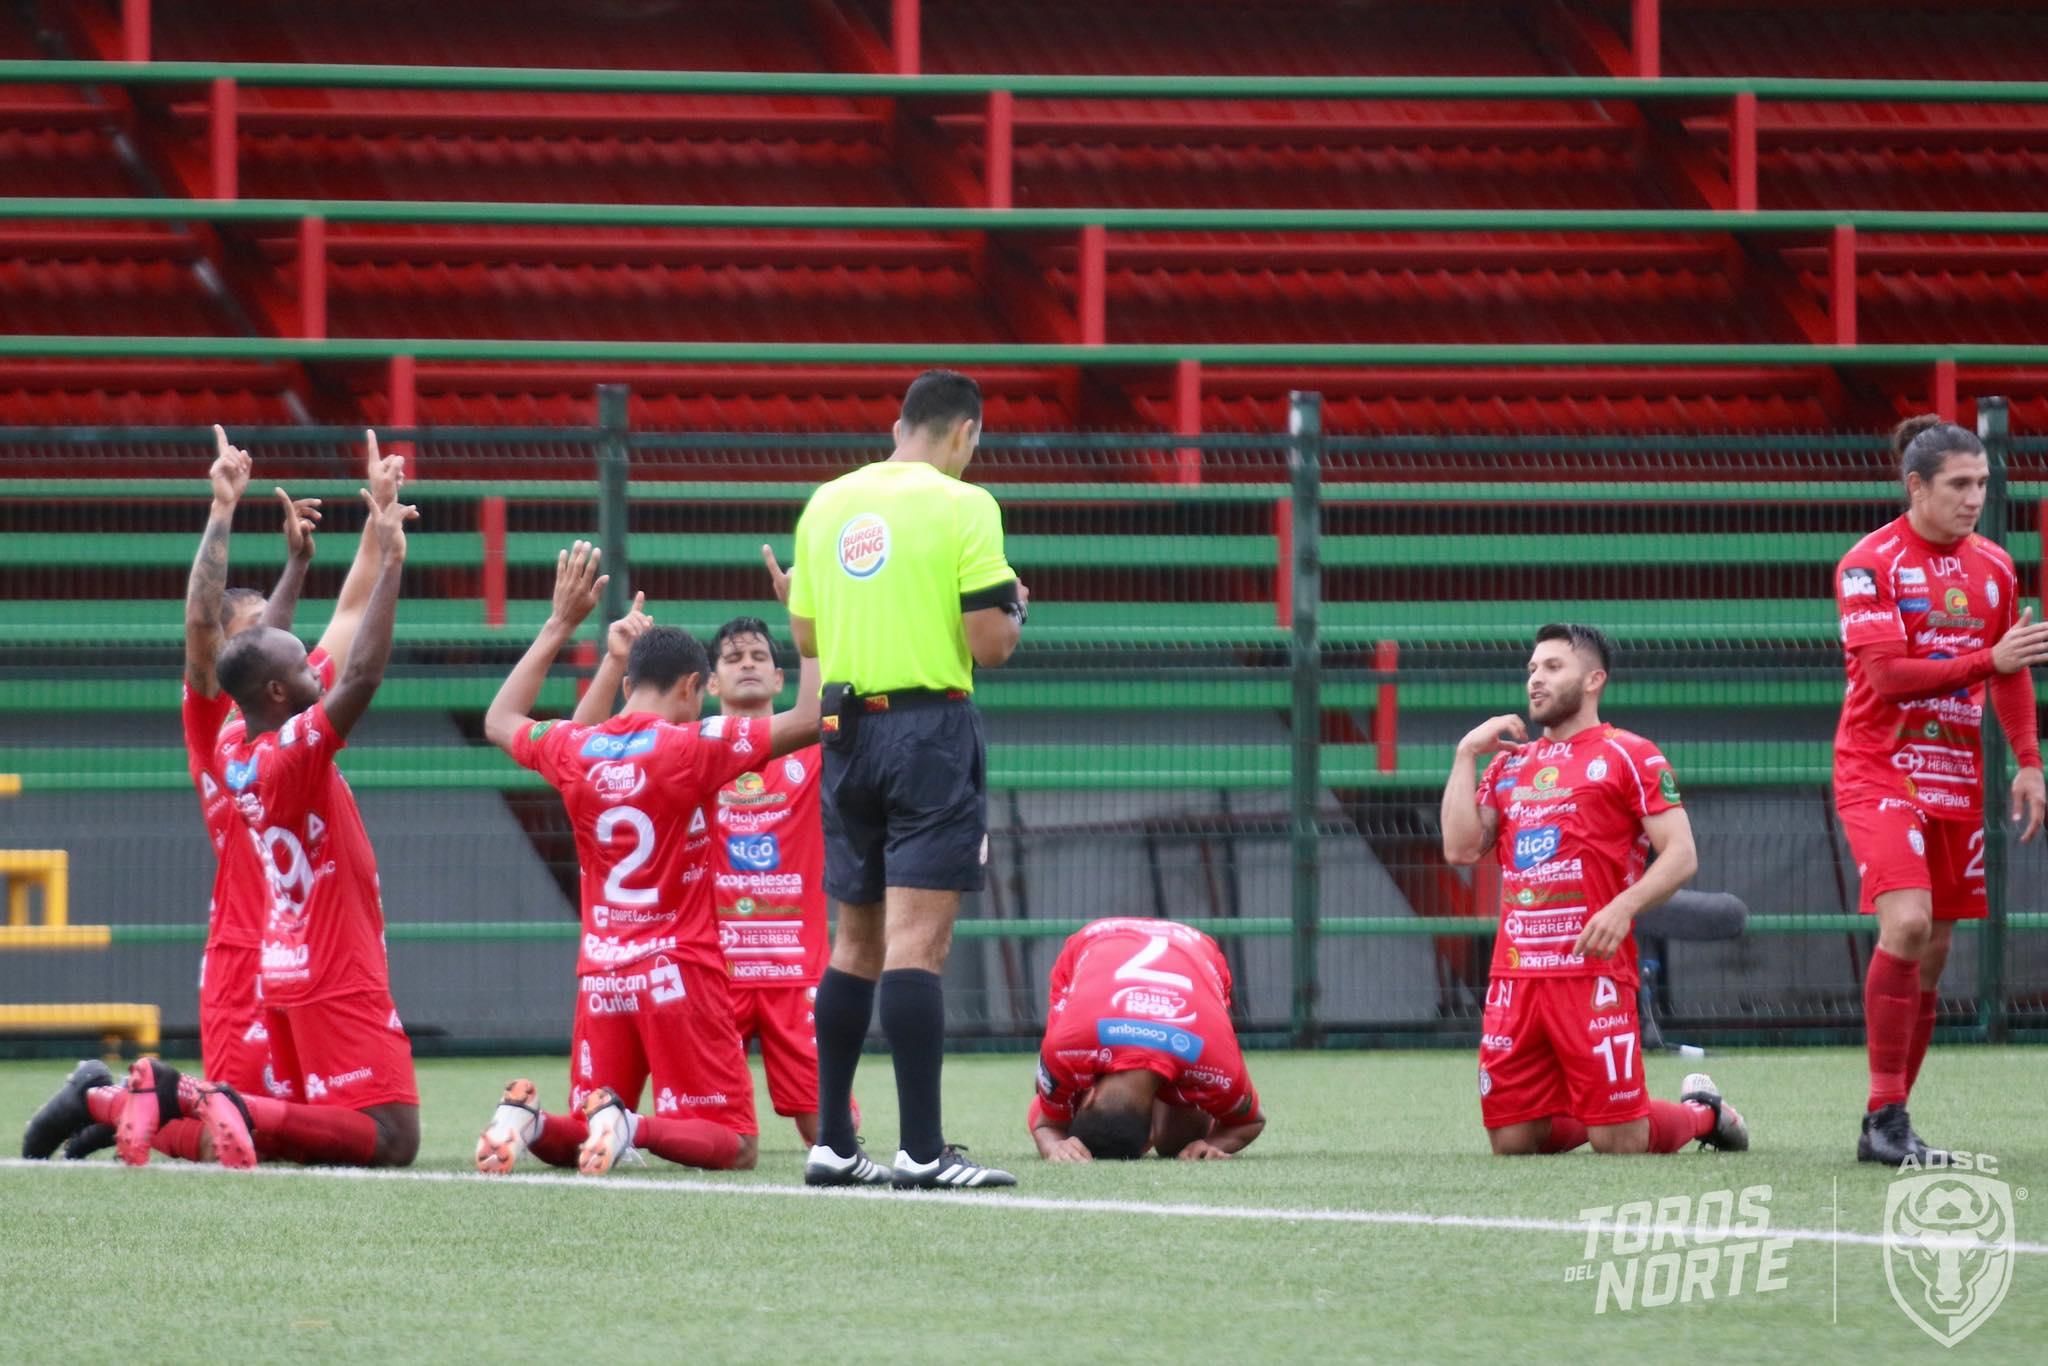 Equipo de San Carlos con casos sospechosos de COVID-19. El partido entre Limón FC vs San Carlos queda pospuesto.